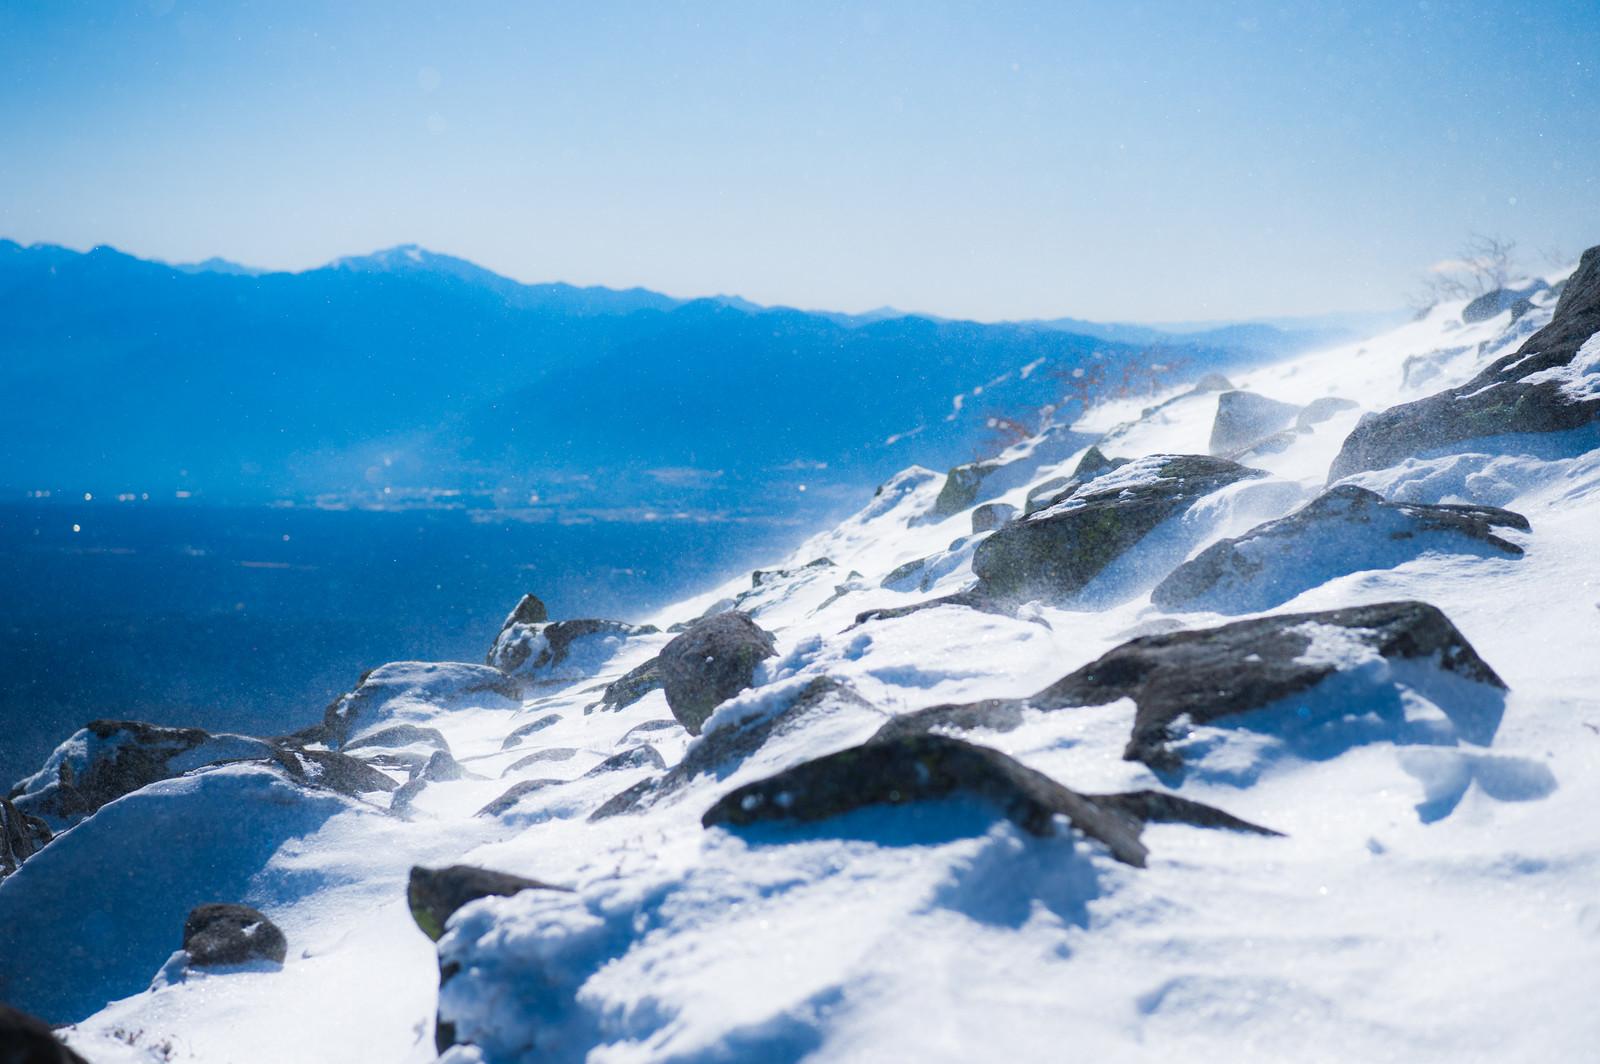 冬登山で注意すべき9つのポイント!初心者向けに装備選びや登り方を解説!